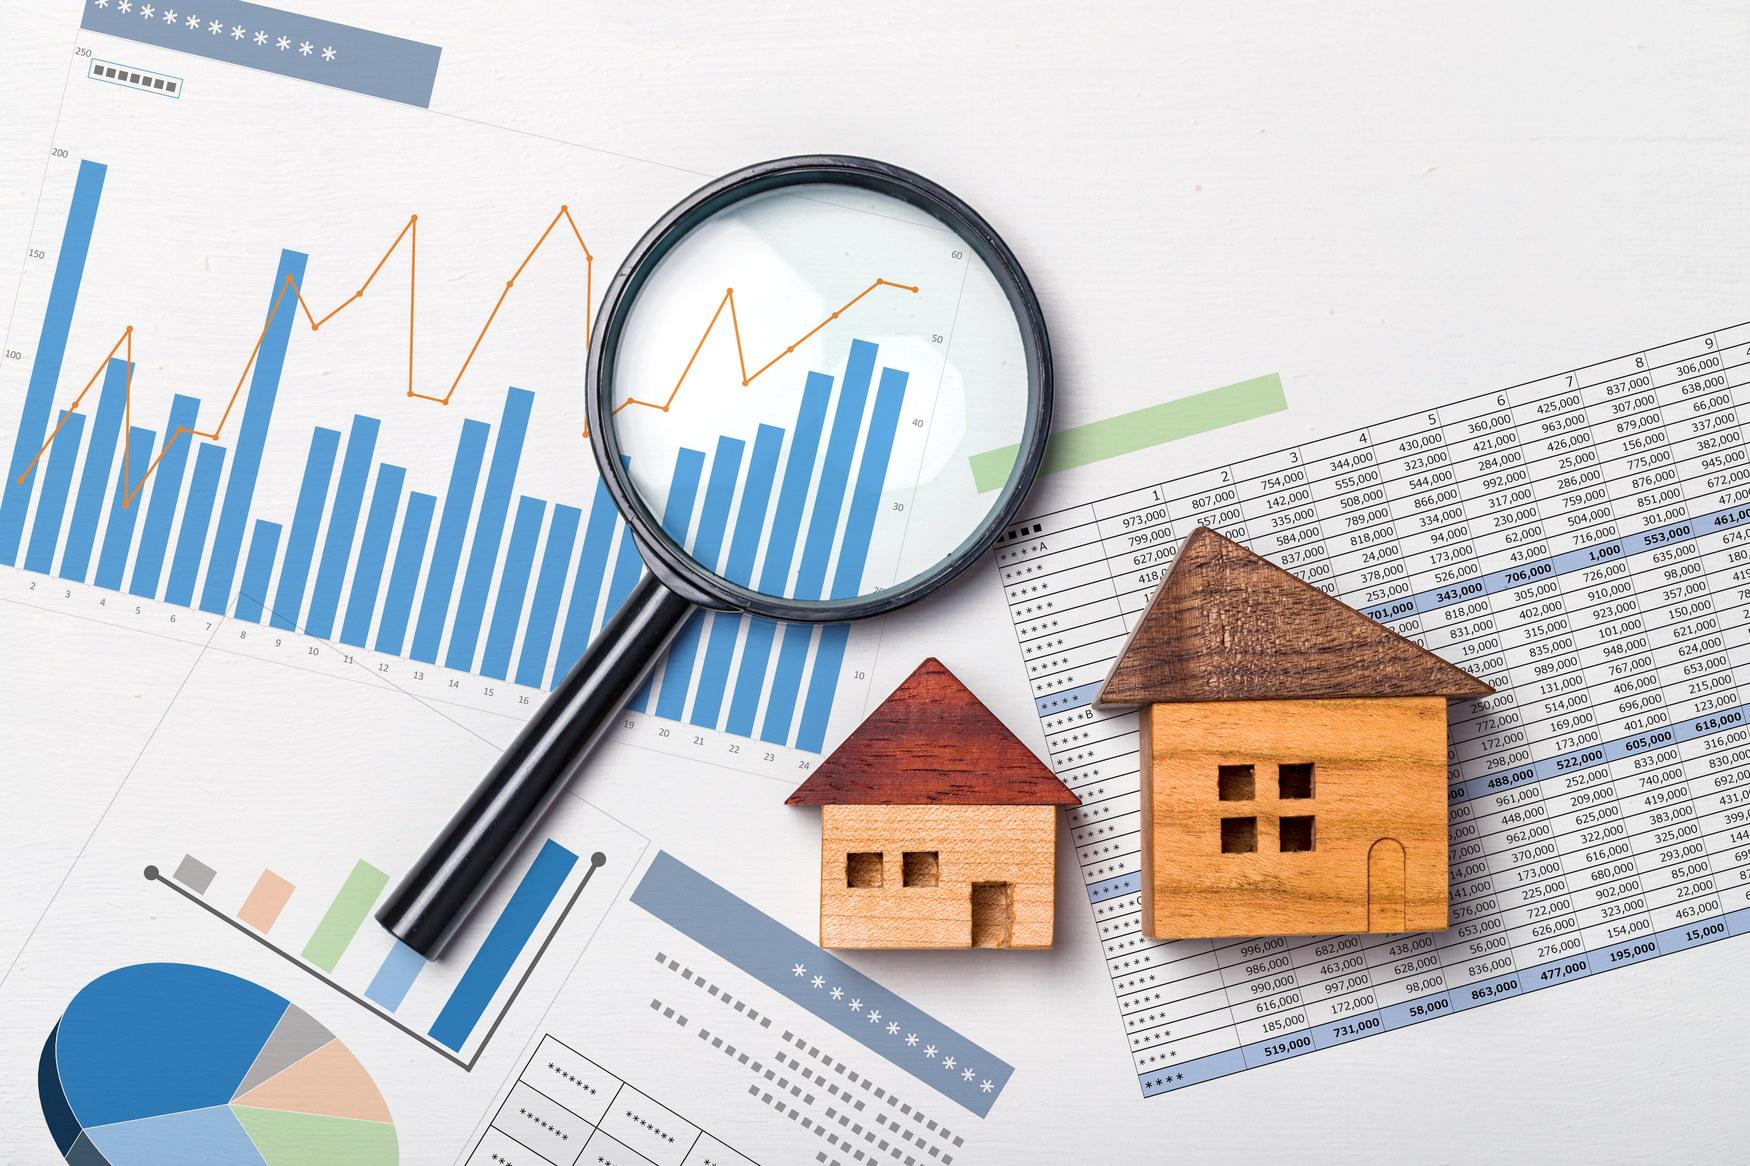 住宅業界の景況感イメージ